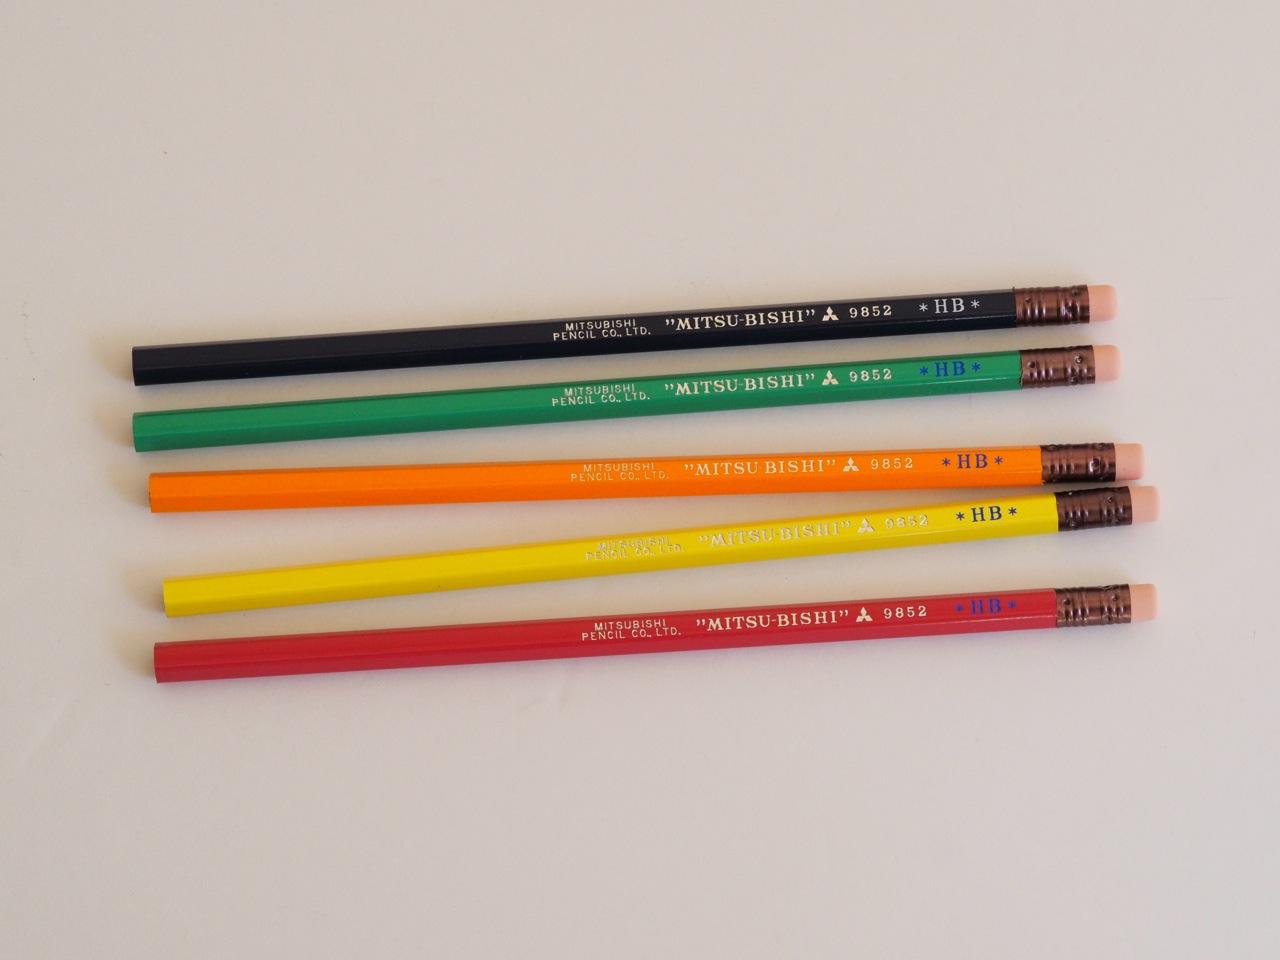 消しゴム付き鉛筆の新色、限定発売